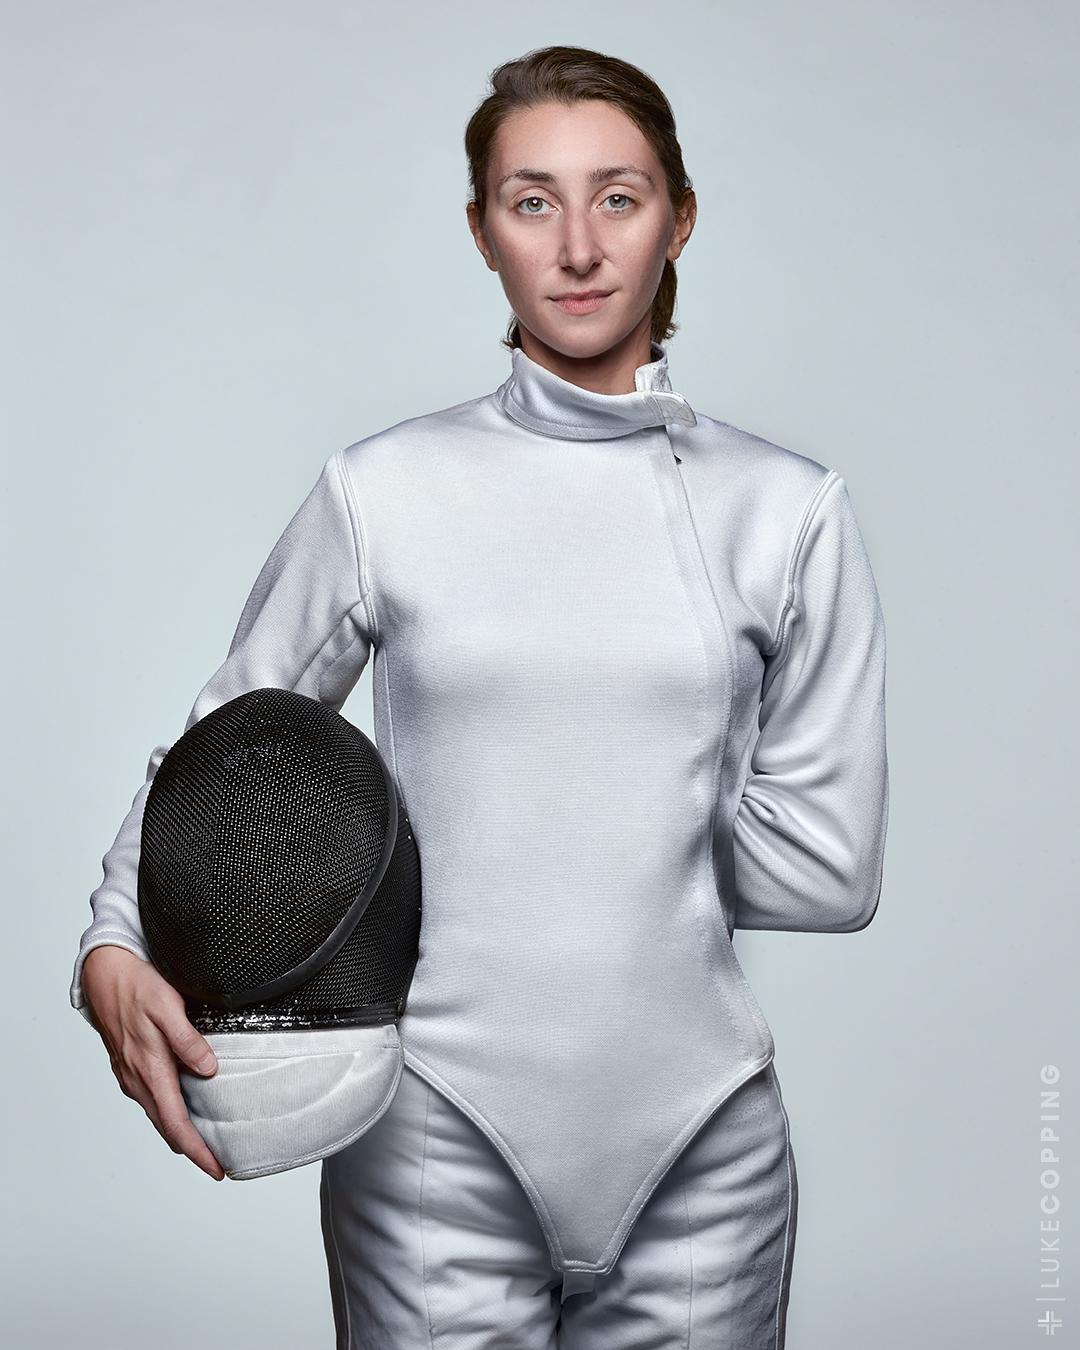 Christine Gallisdorfer of Buffalo Les Amis Fencing Club